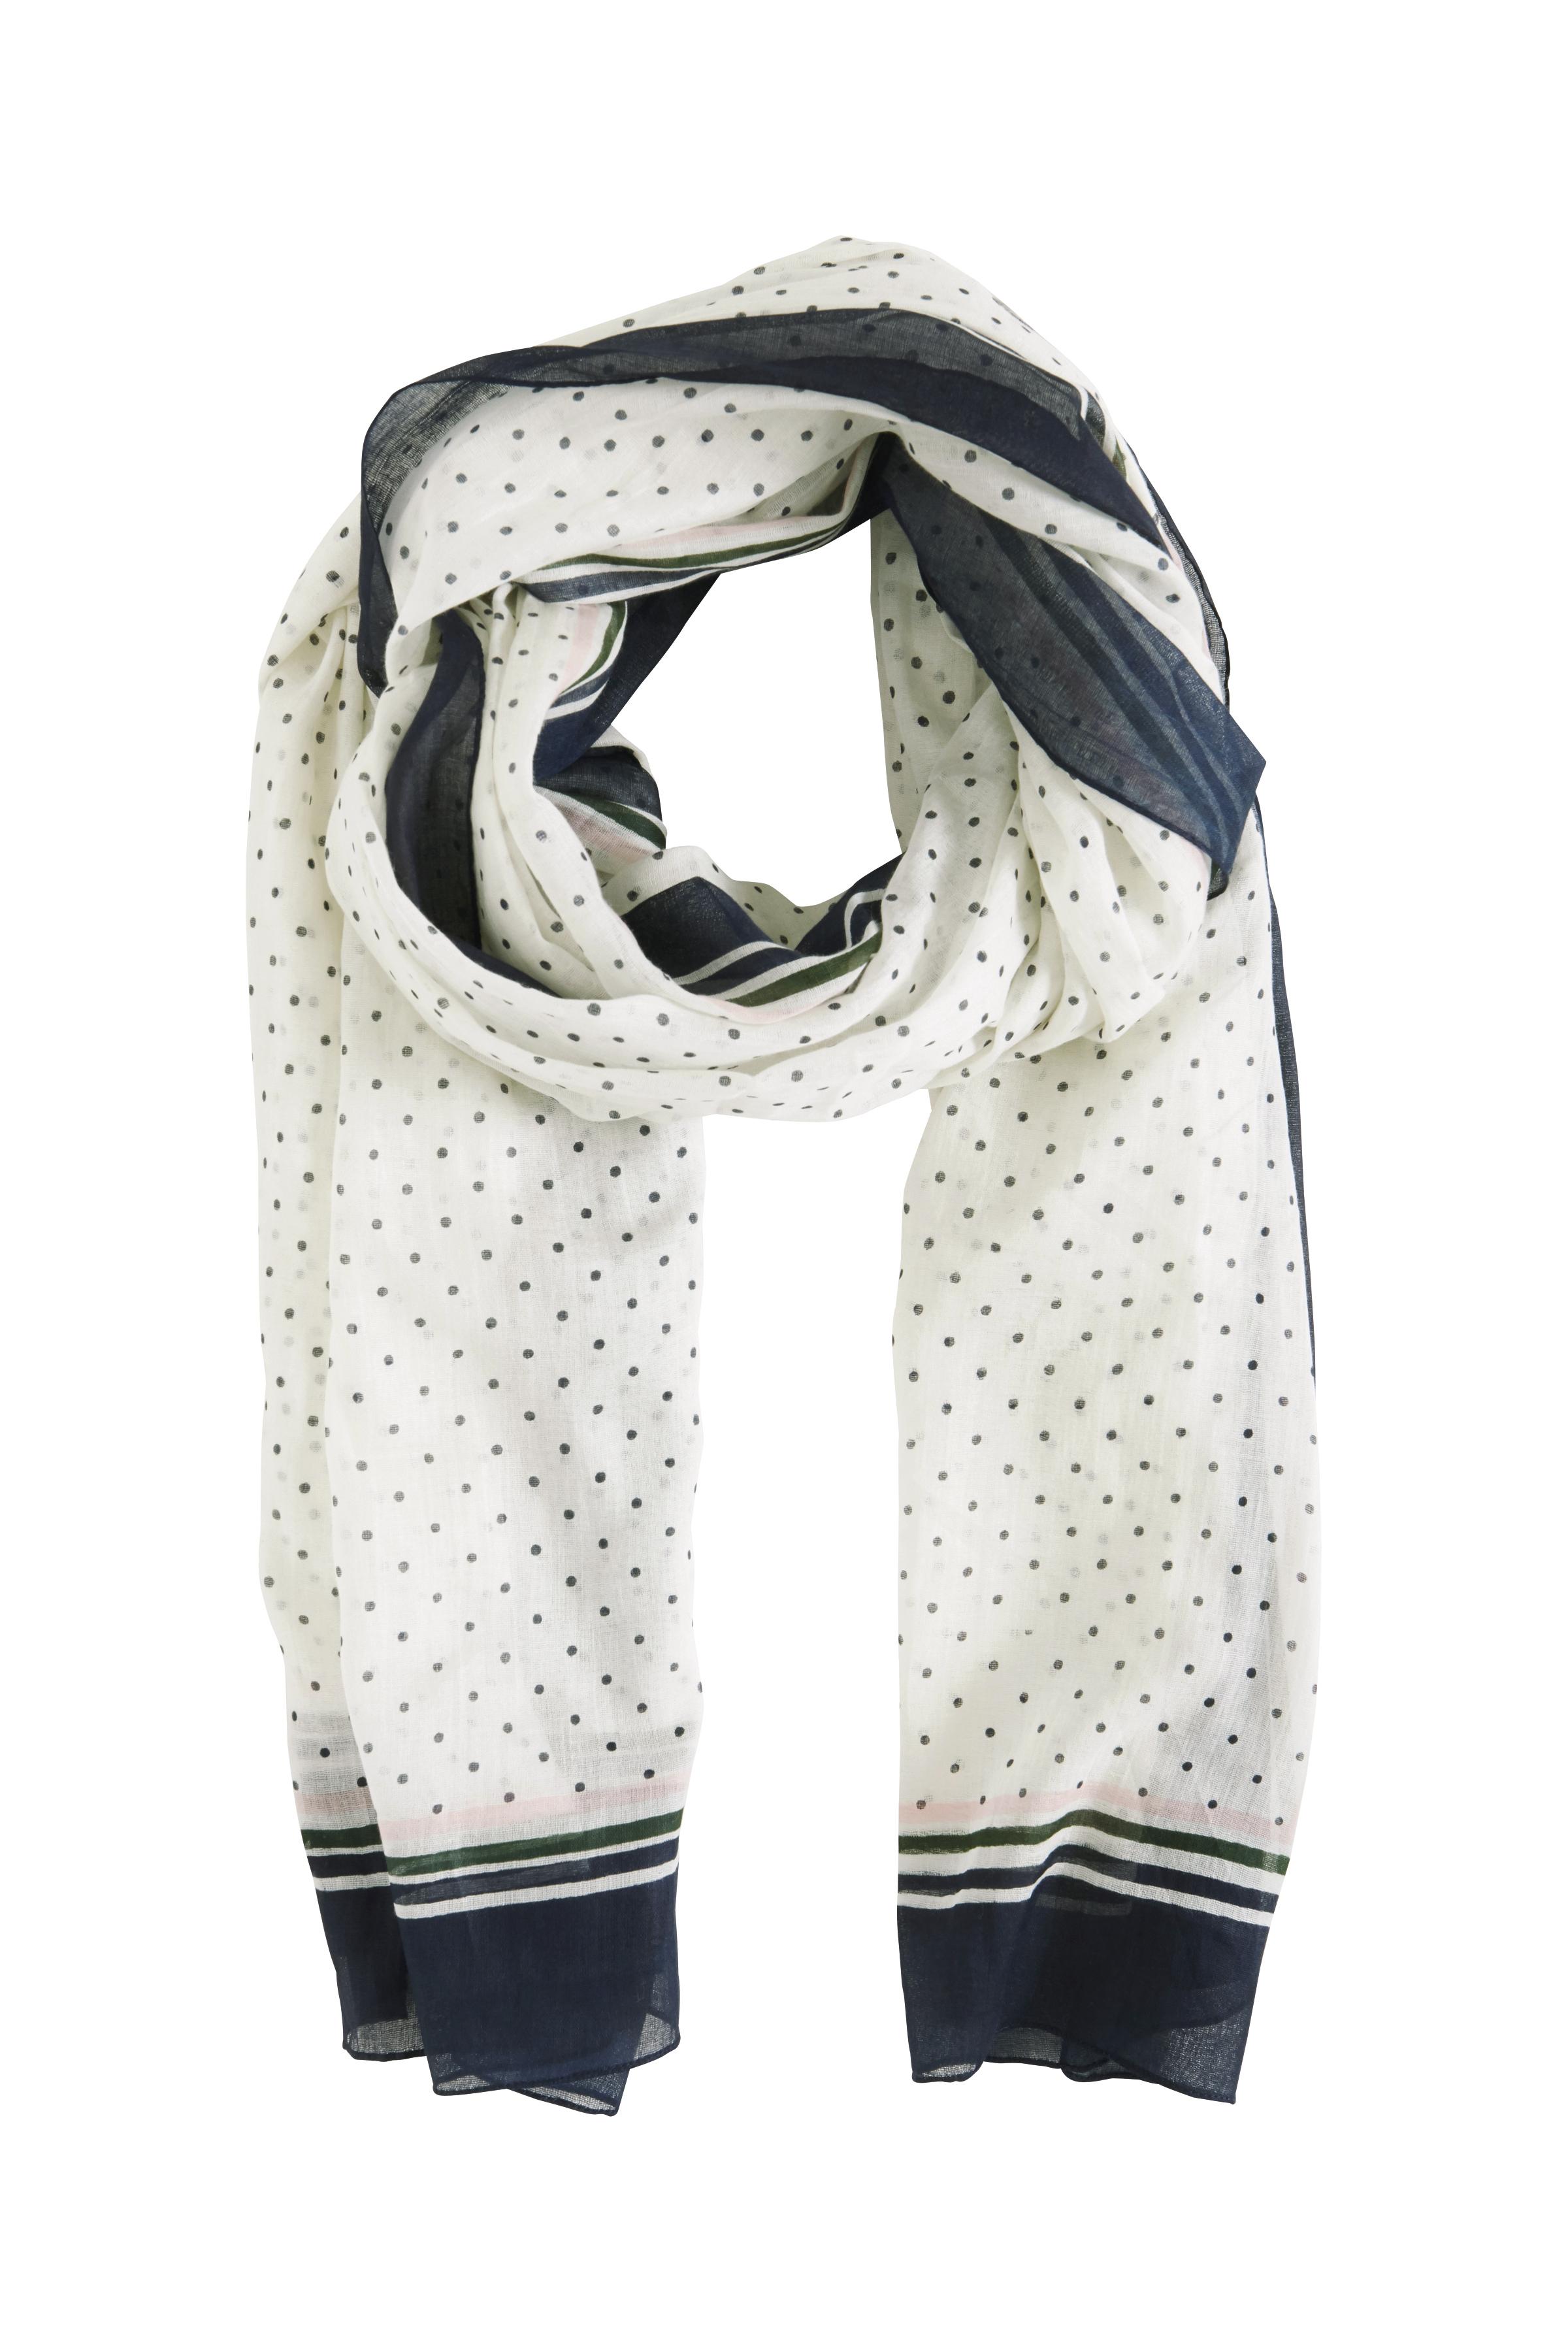 Weiß/marineblau Tuch von Fransa – Shoppen Sie Weiß/marineblau Tuch ab Gr. ONE hier